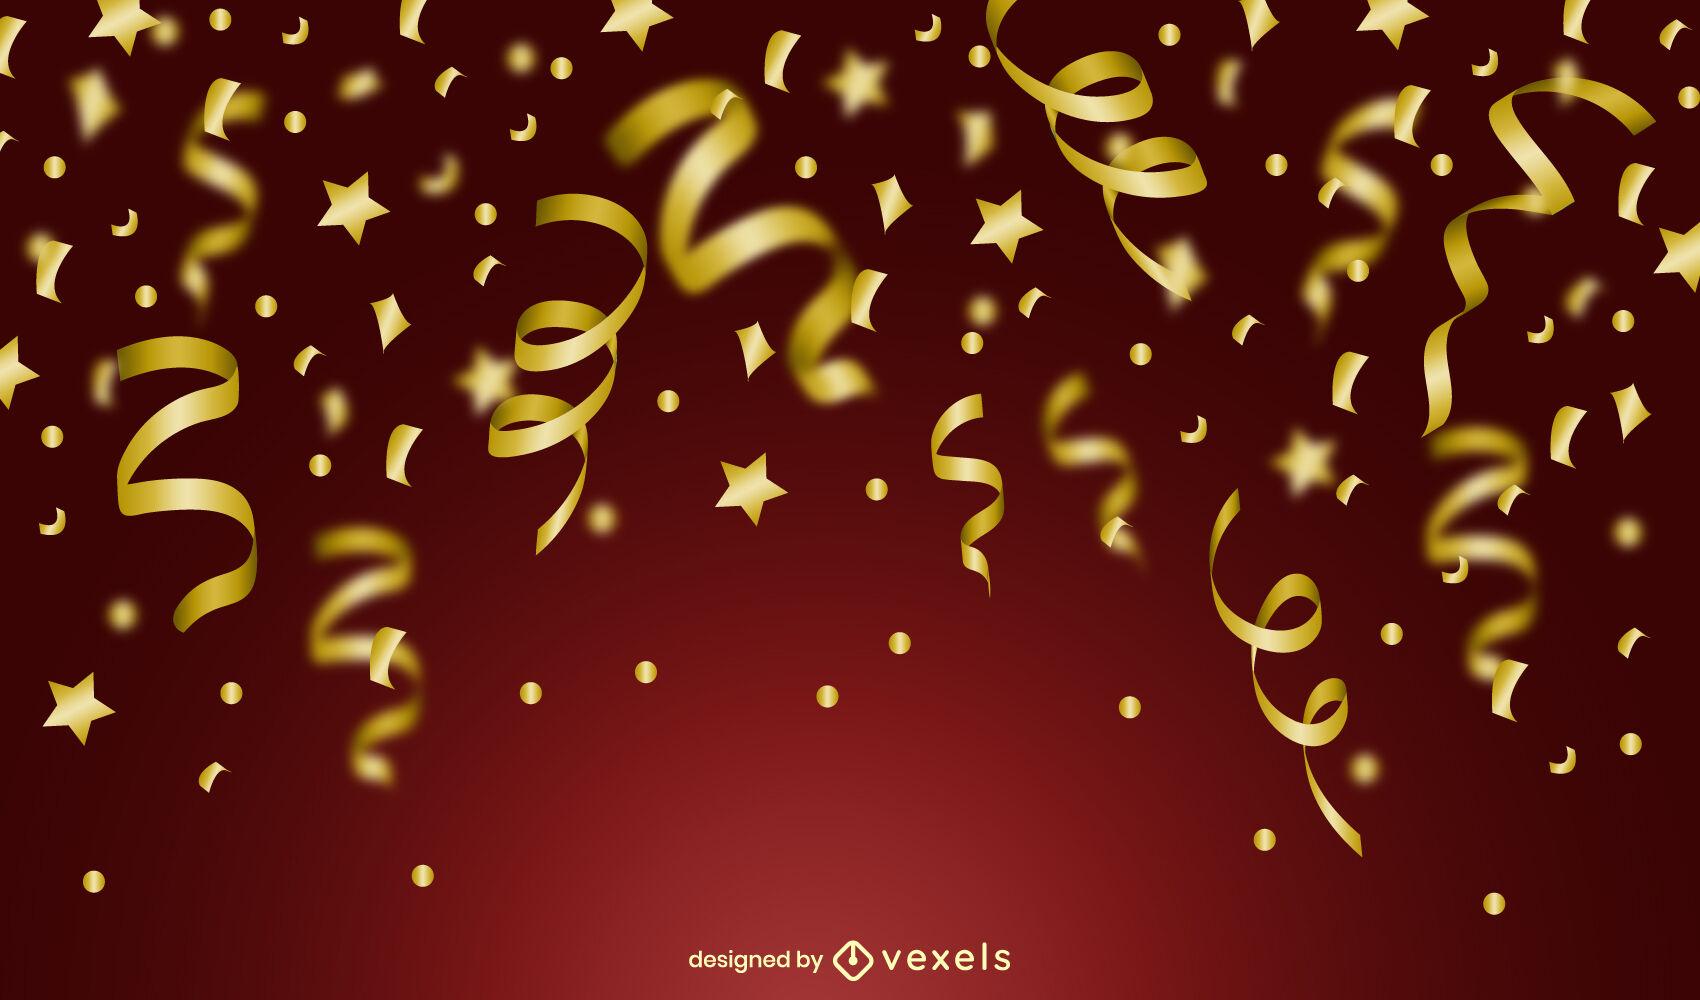 Confetti celebration background design